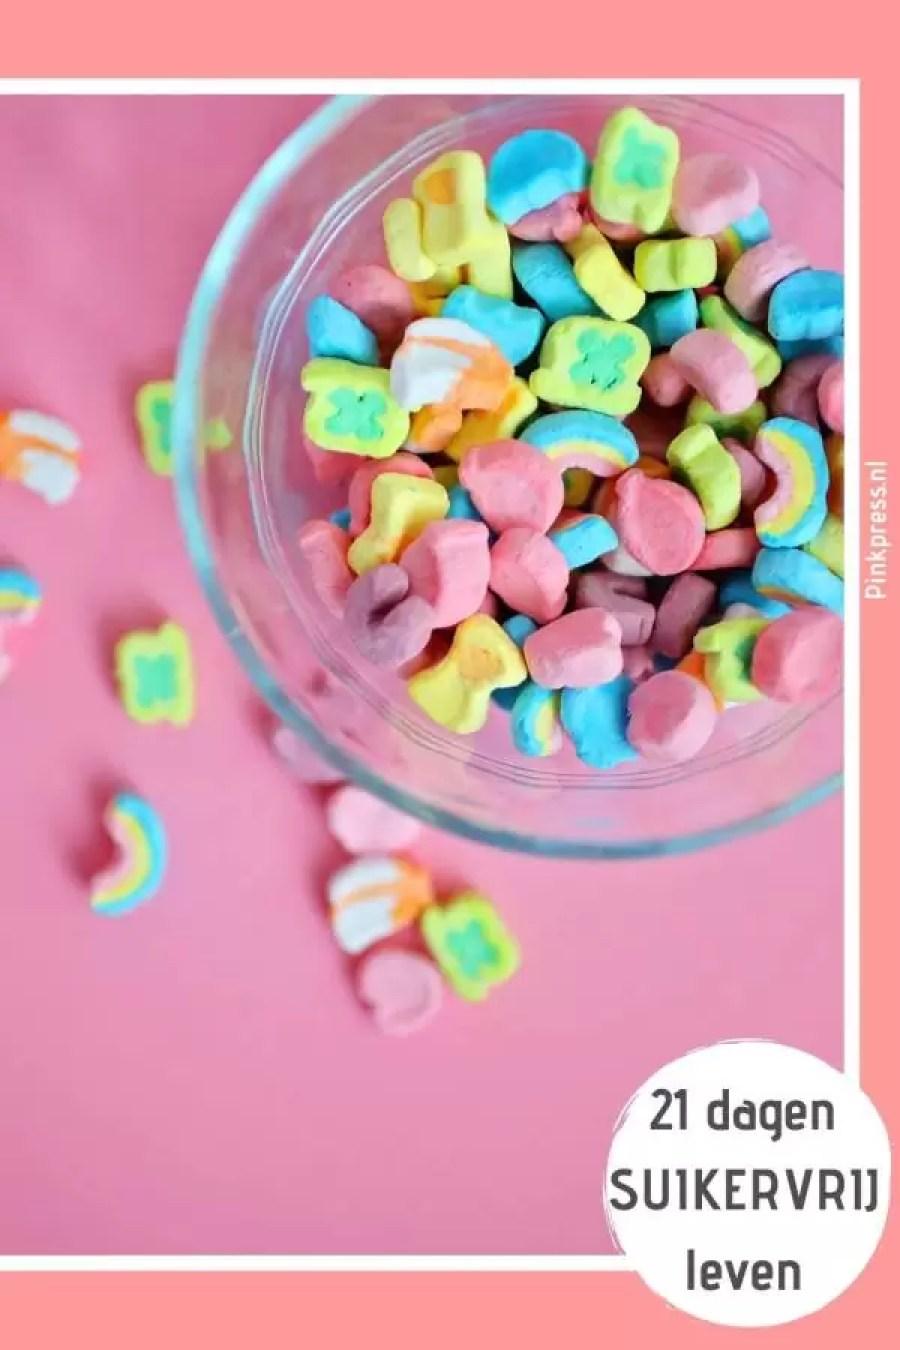 21 dagen suikervrij - De 21 dagen suikervrije challenge